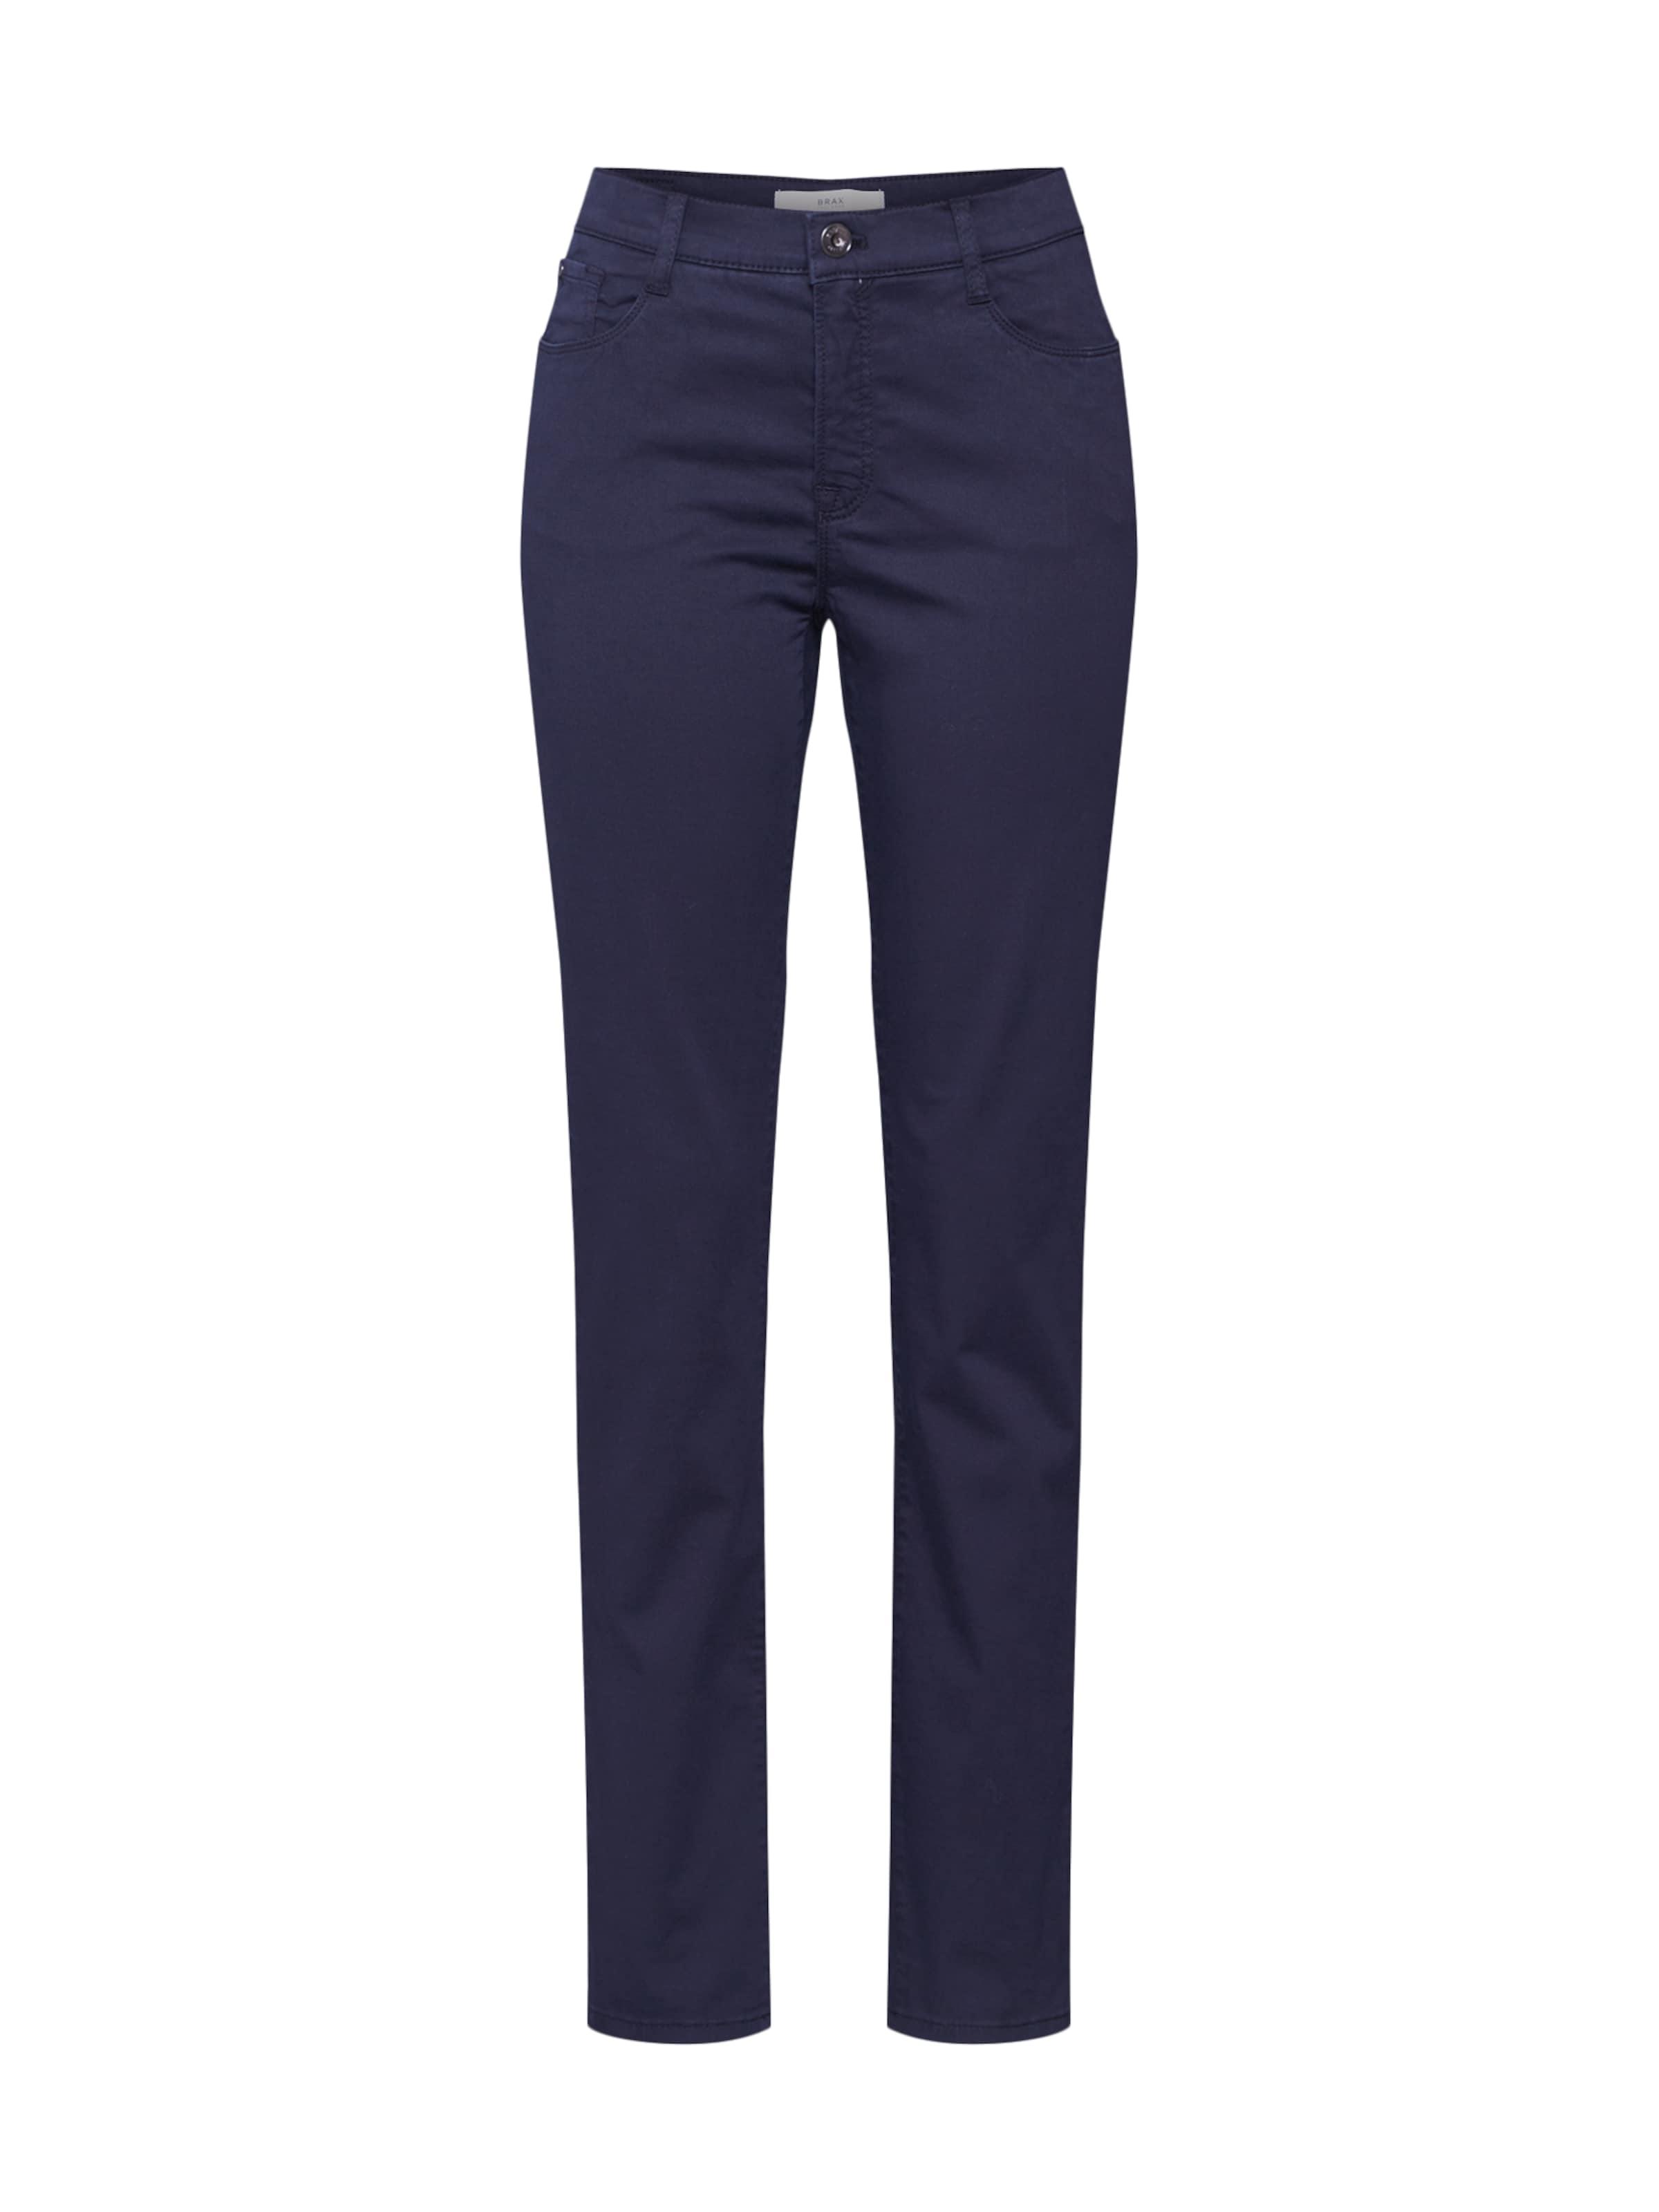 'mary' Pantalon En Brax Pantalon En Bleu Brax 'mary' Pantalon Bleu 'mary' Brax POk80wNnX